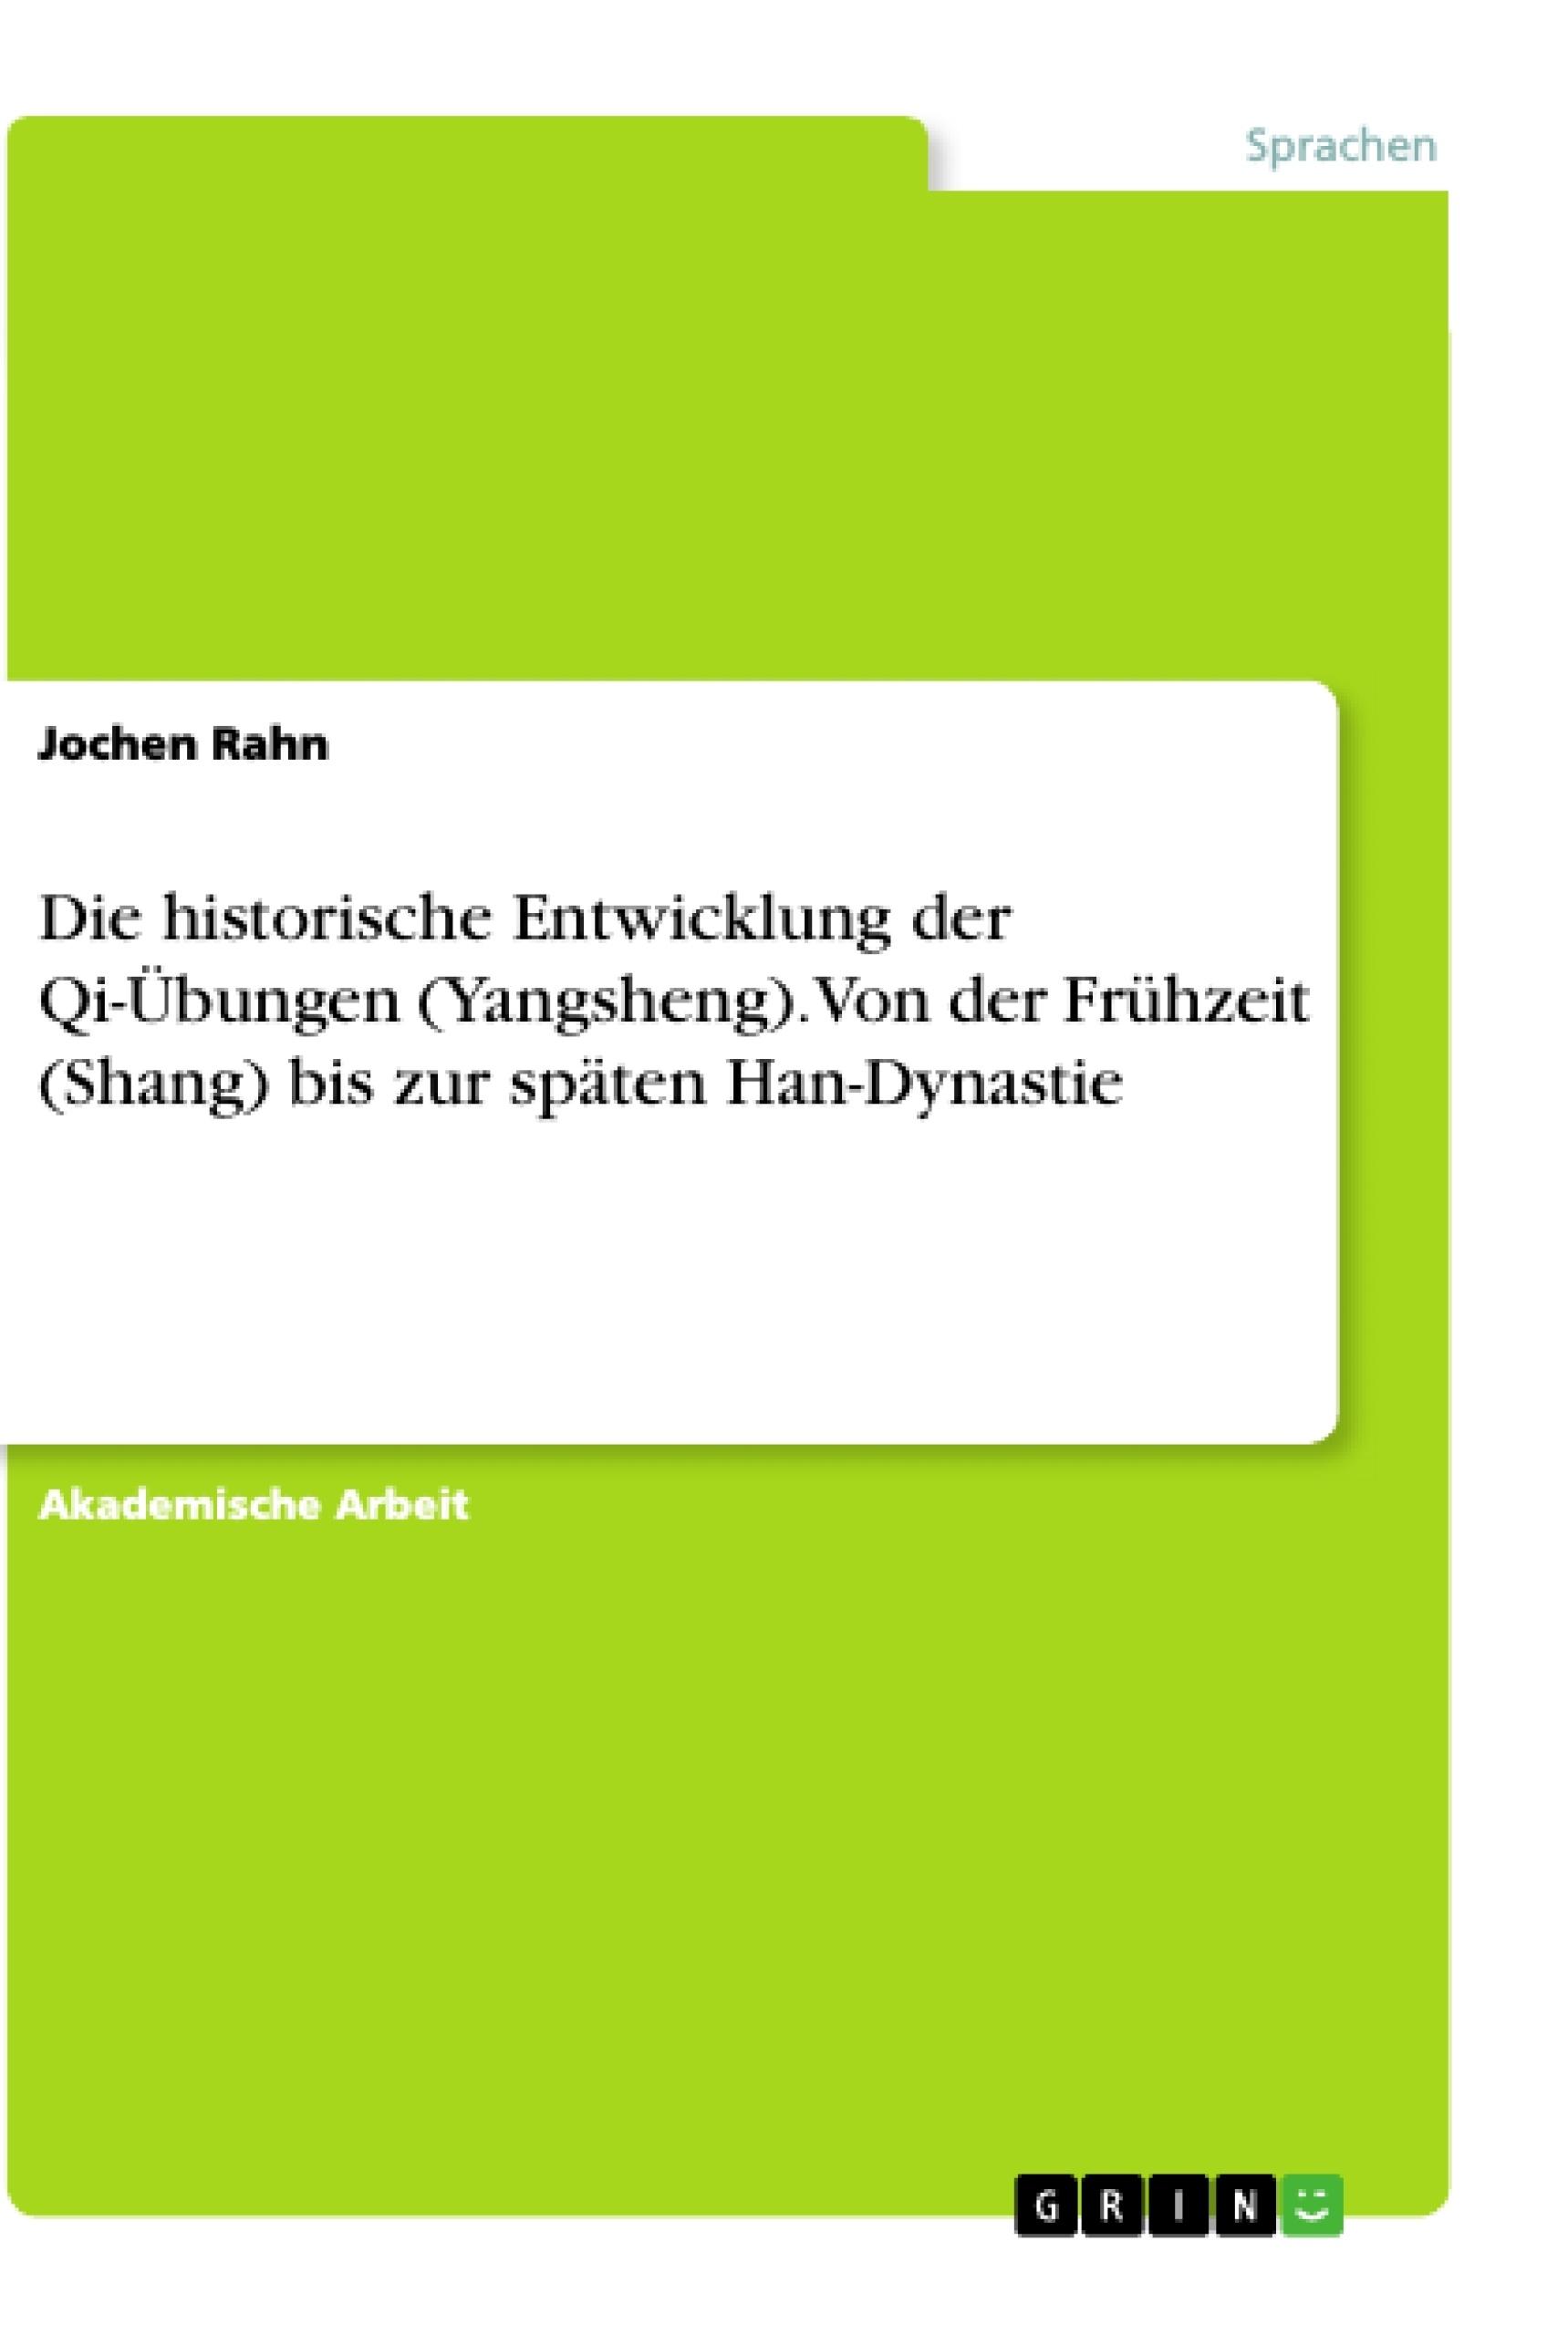 Titel: Die historische Entwicklung der Qi-Übungen (Yangsheng). Von der Frühzeit (Shang) bis zur späten Han-Dynastie